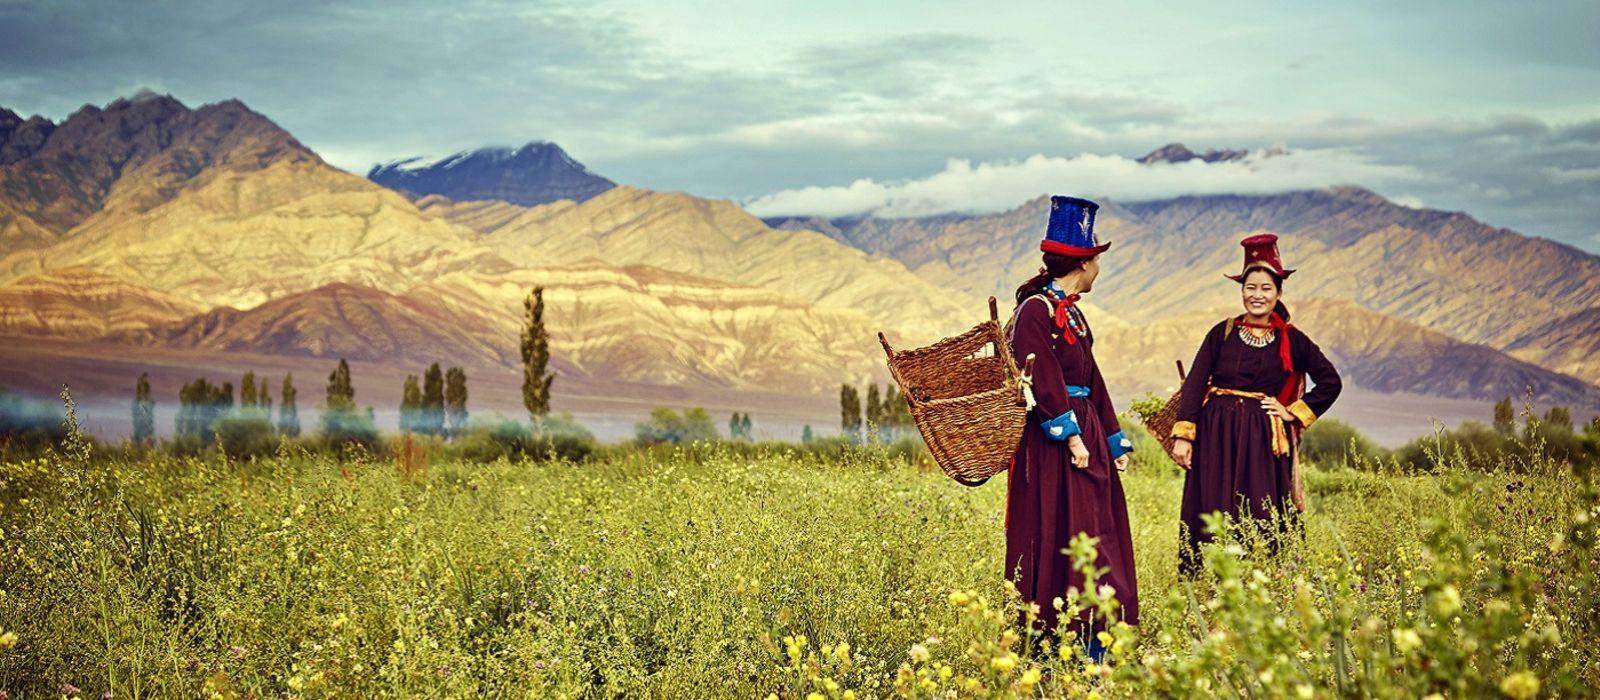 Luxuriöses Nordindien und der Himalaya Urlaub 2